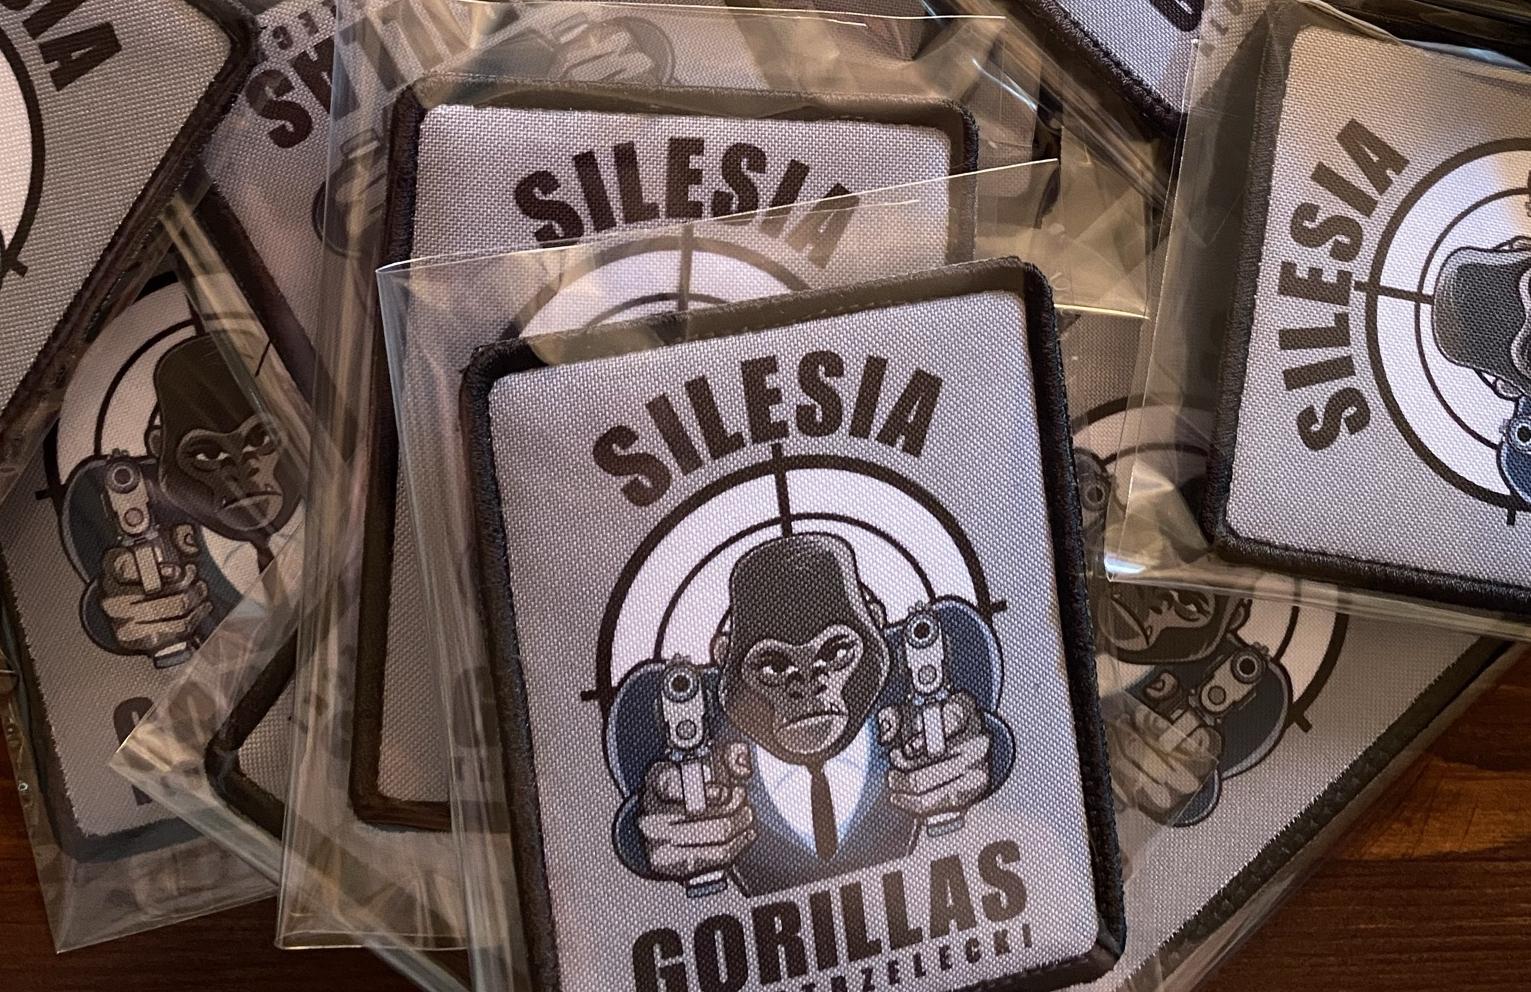 Silesia-Gorillas_naszywki-1